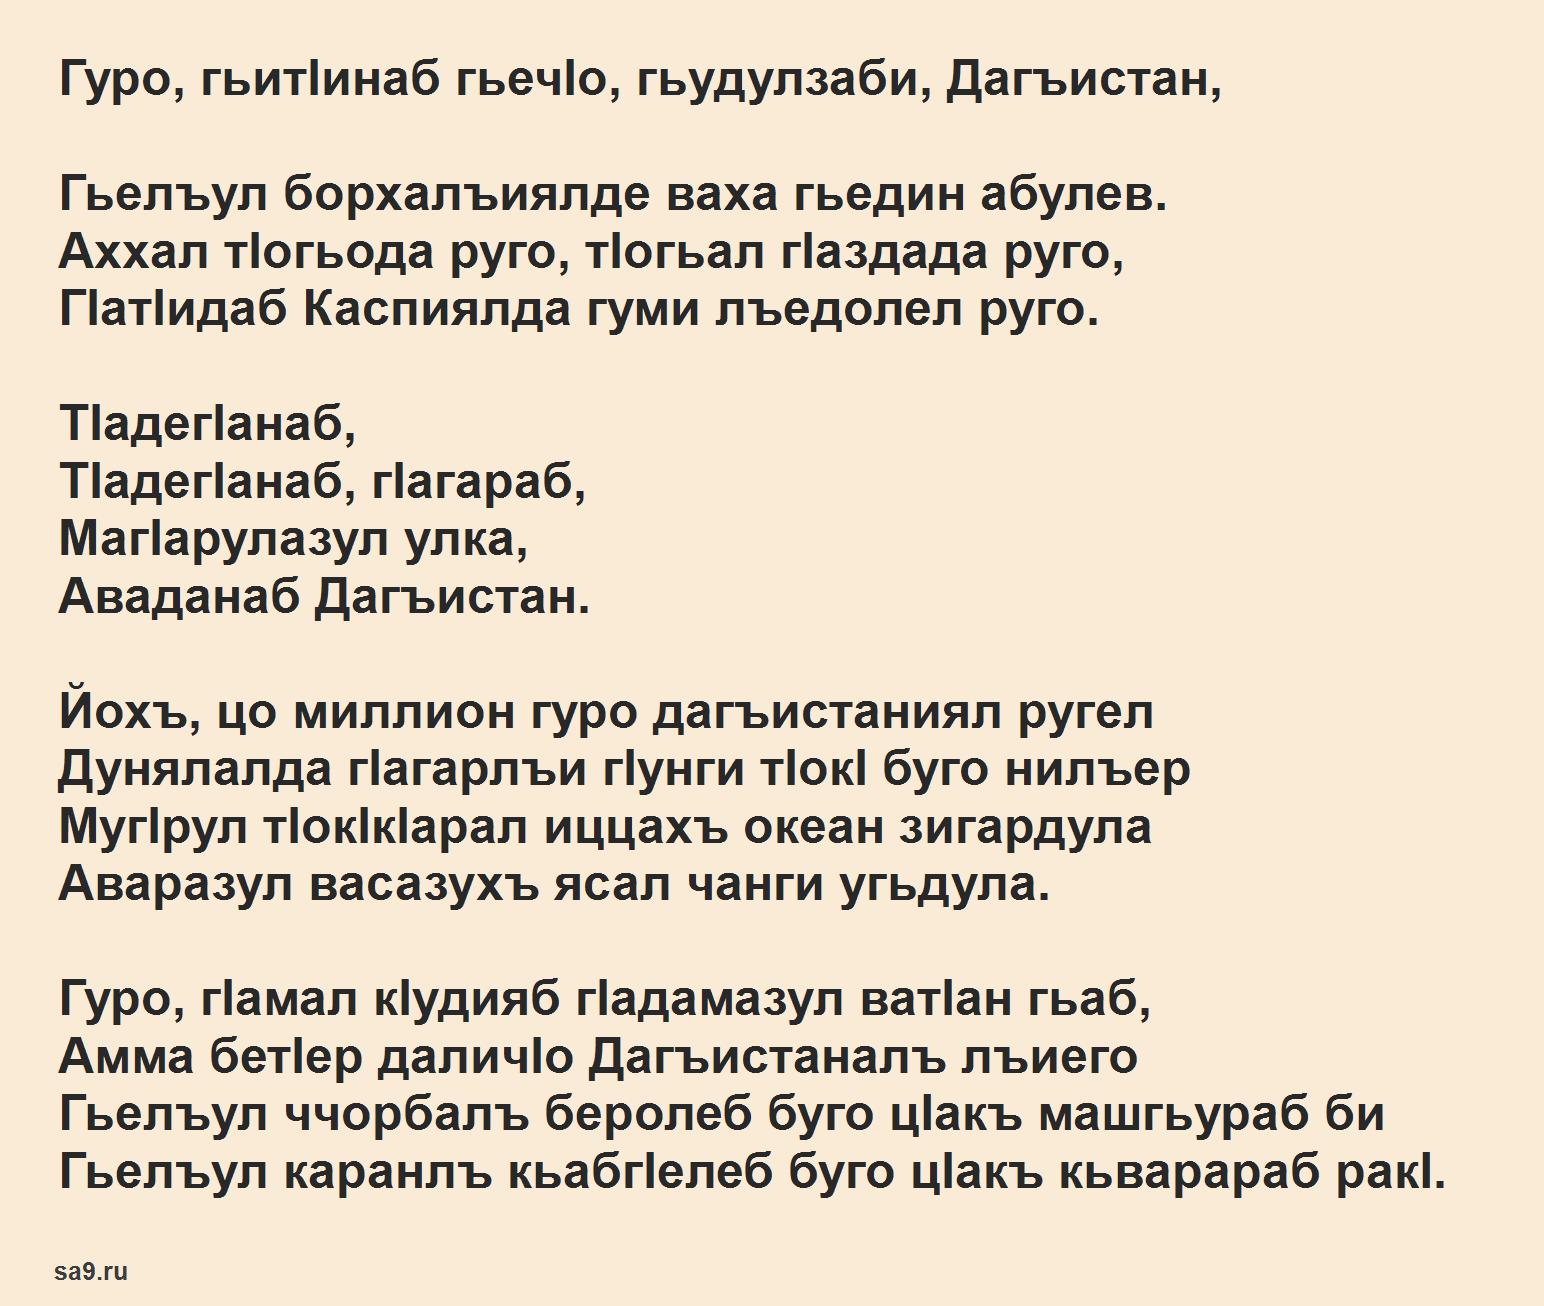 Гамзатов стихи на аварском языке - Дагестан